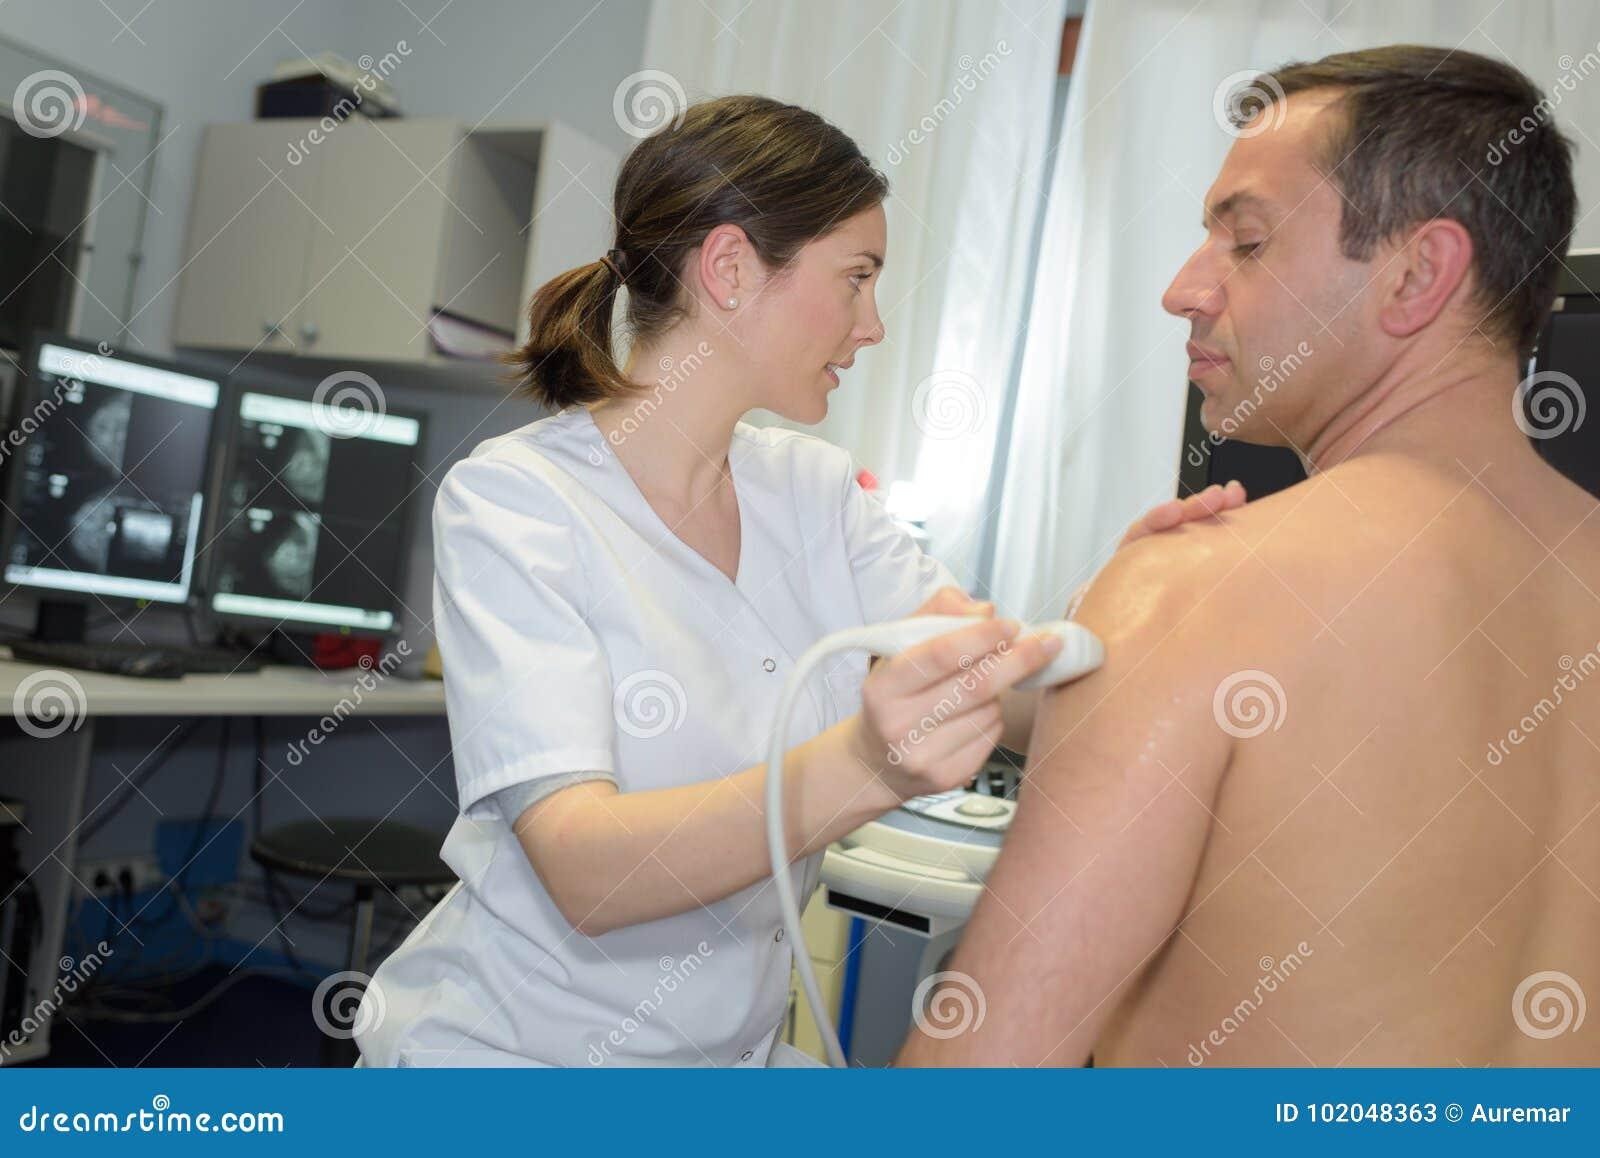 Man having ultrasound on shoulder